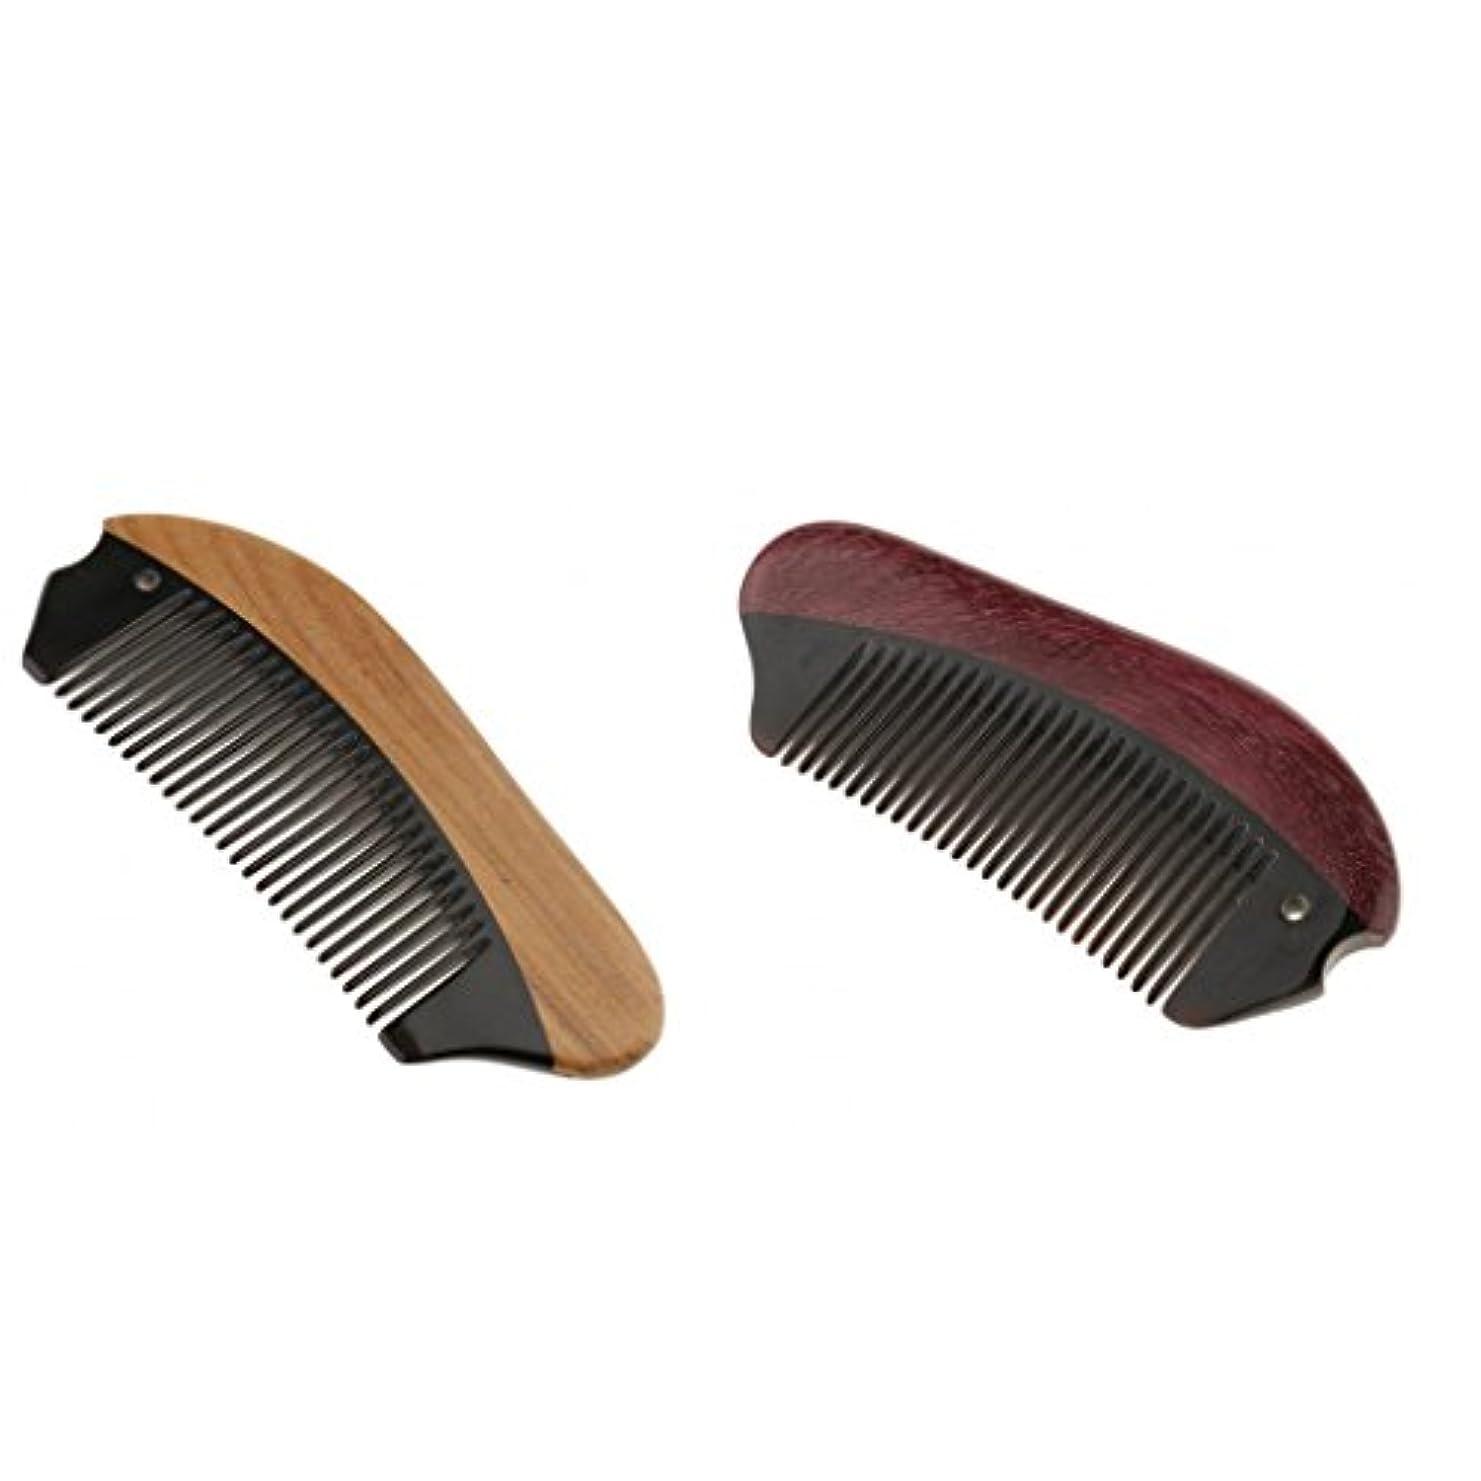 標高成長する航海2個 木製 櫛 コーム 静電気防止 ハート ウッド 髪 マッサージ